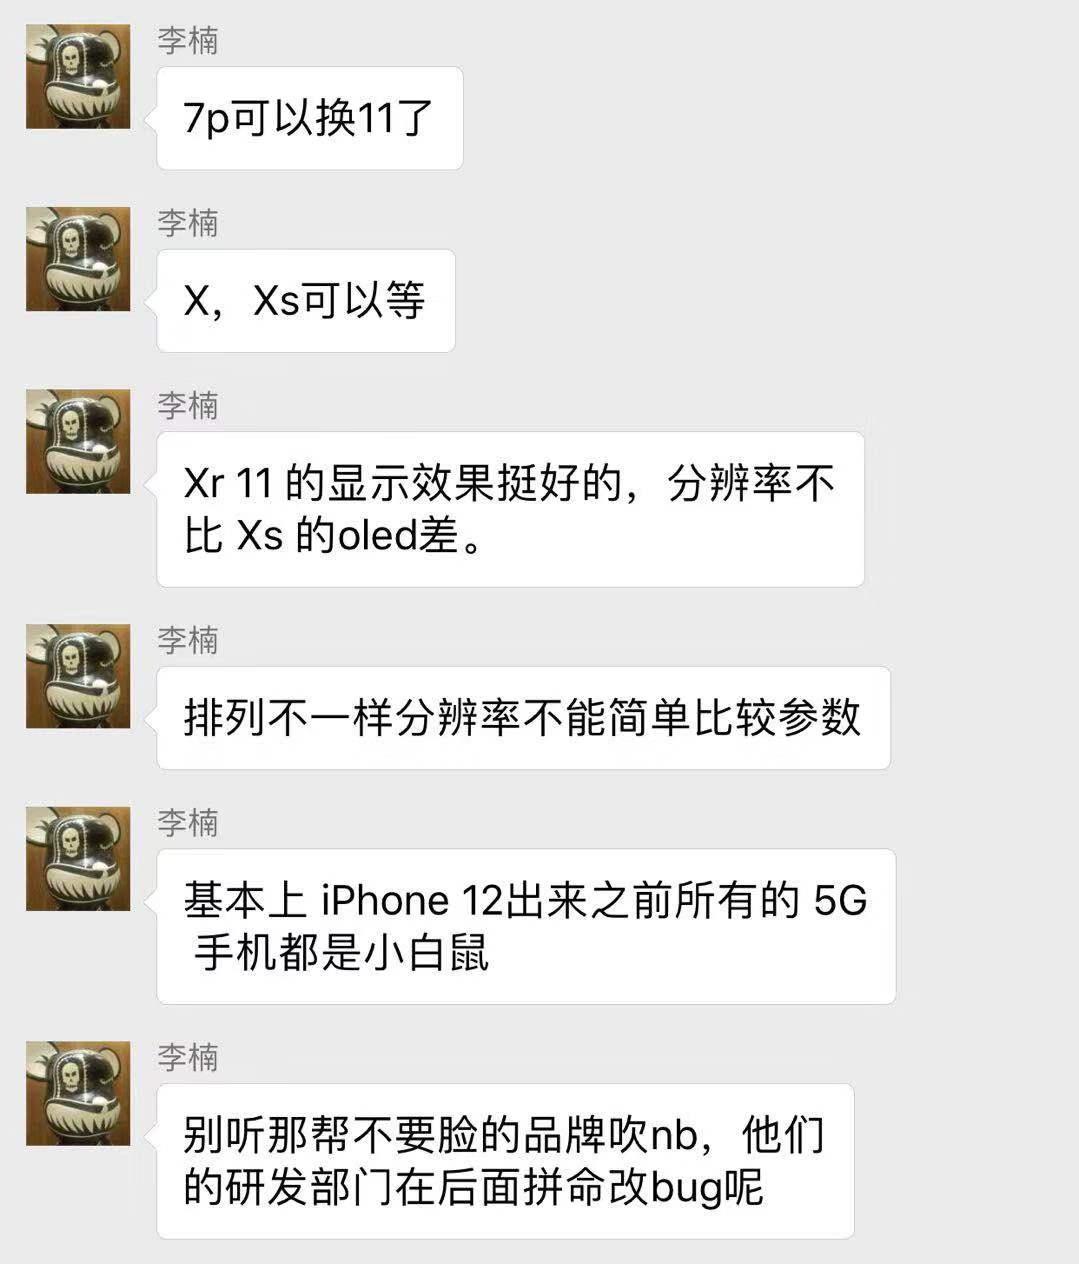 李楠:iPhone 12出來之前的所有5G手機都是小白鼠